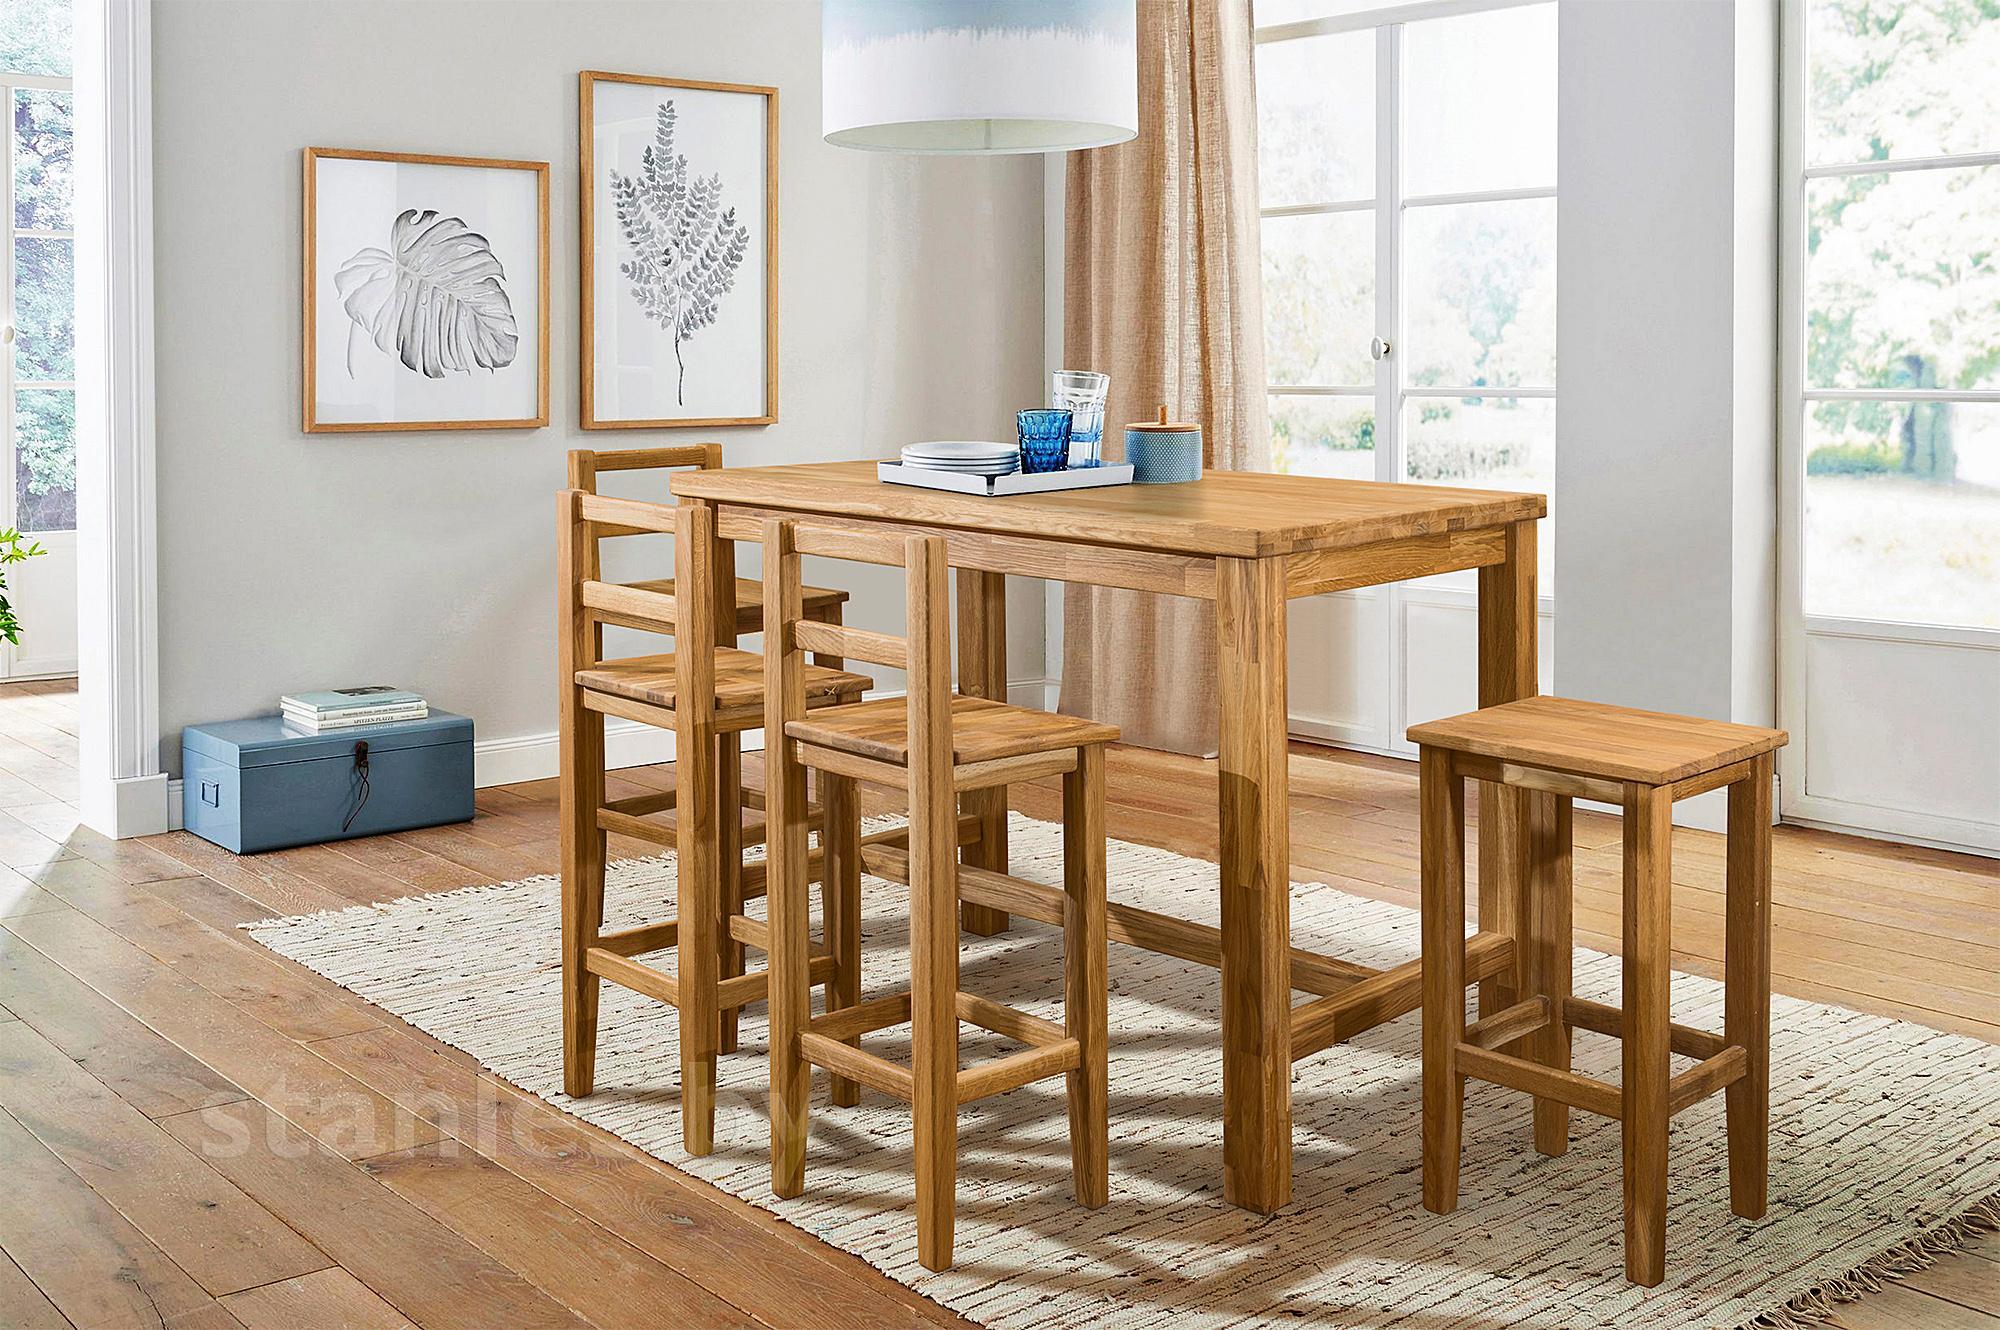 stehtisch k che konsole k che wasserhahn qualit t grifflose von ikea schwedisch einrichten bank. Black Bedroom Furniture Sets. Home Design Ideas